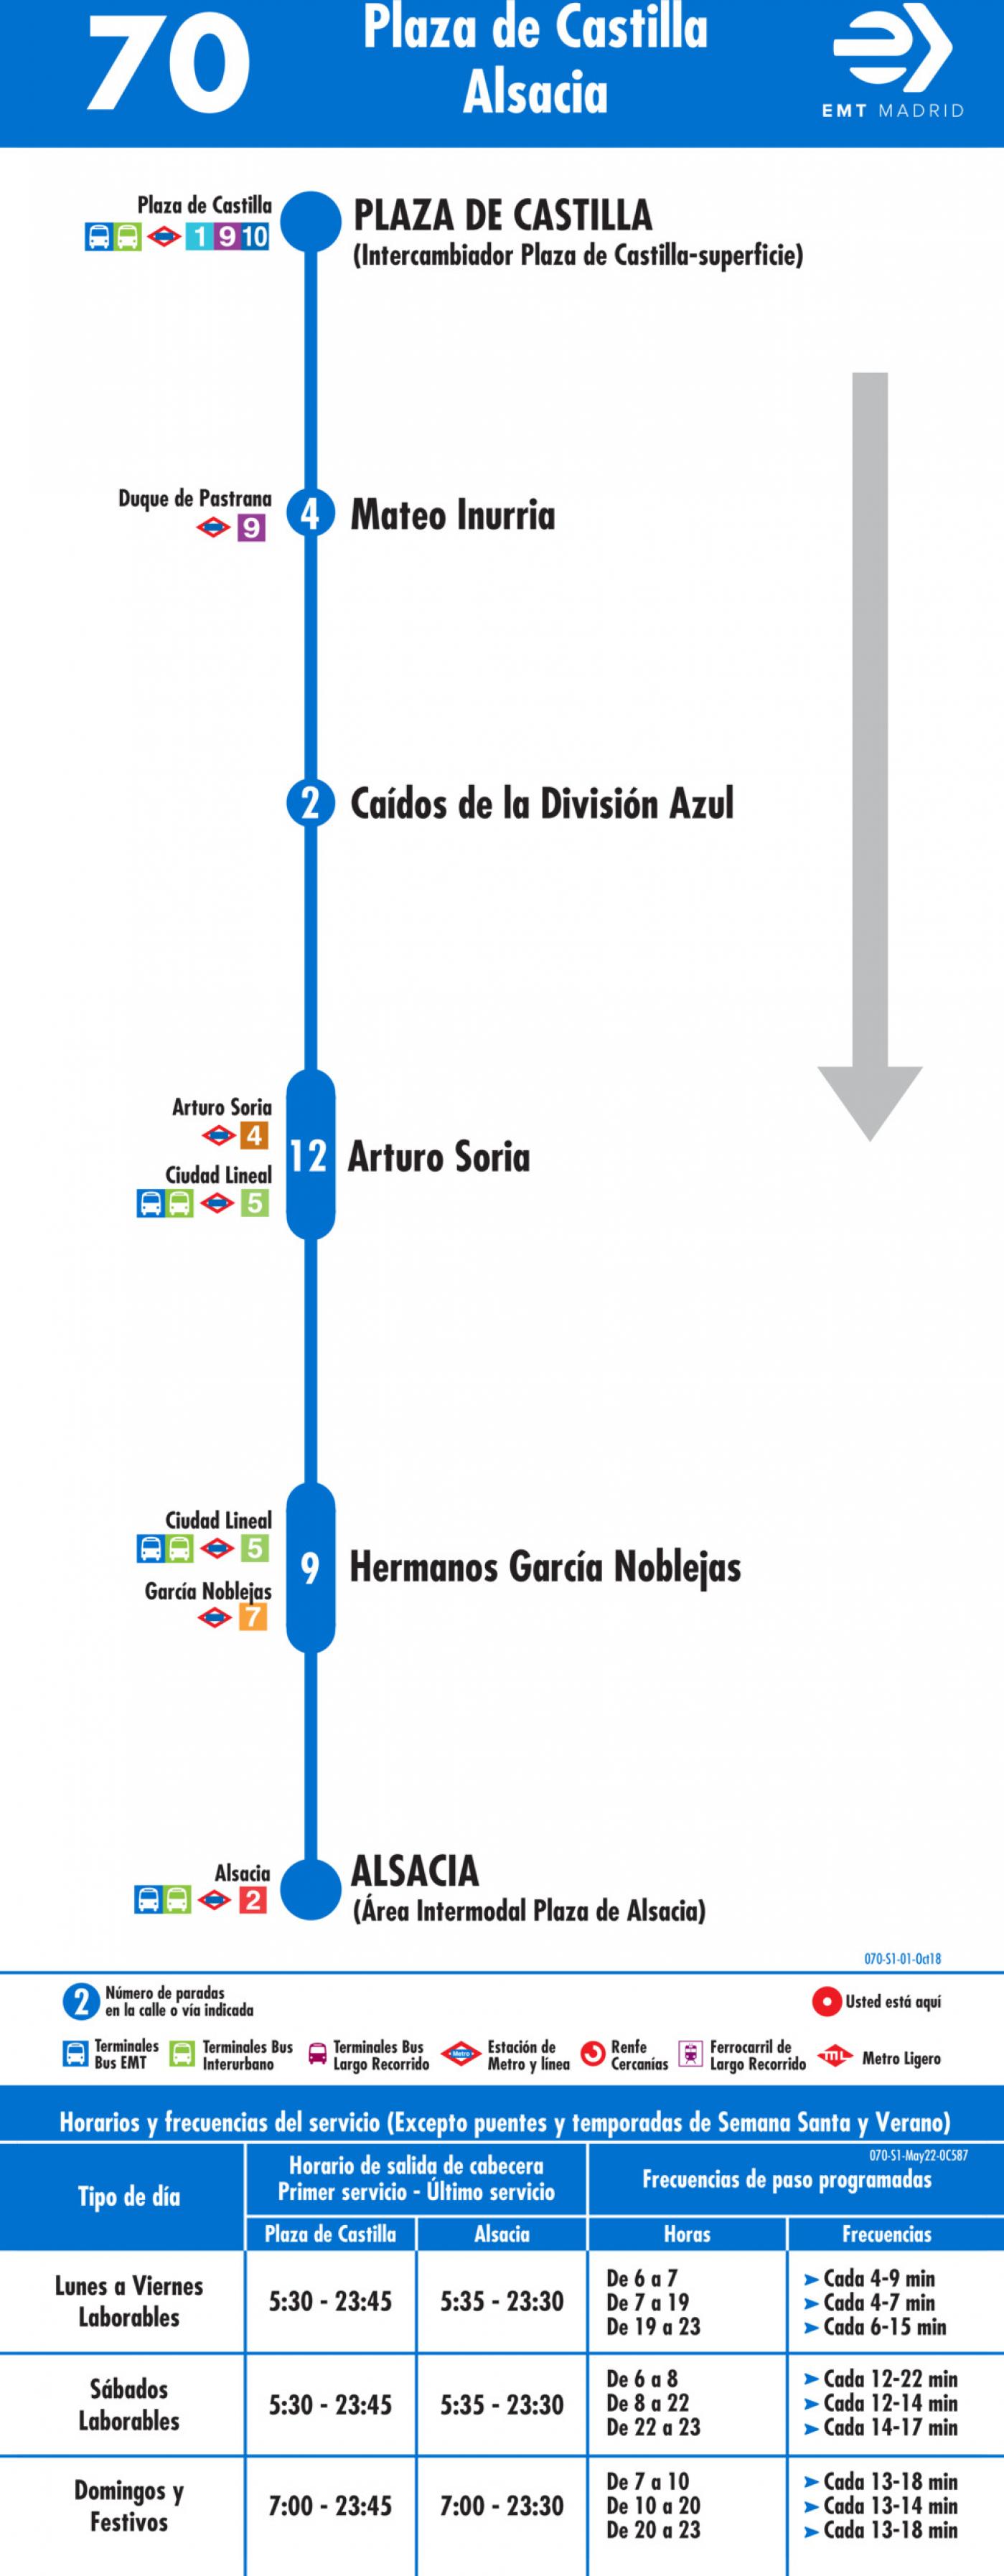 Tabla de horarios y frecuencias de paso en sentido ida Línea 70: Plaza de Castilla - Alsacia